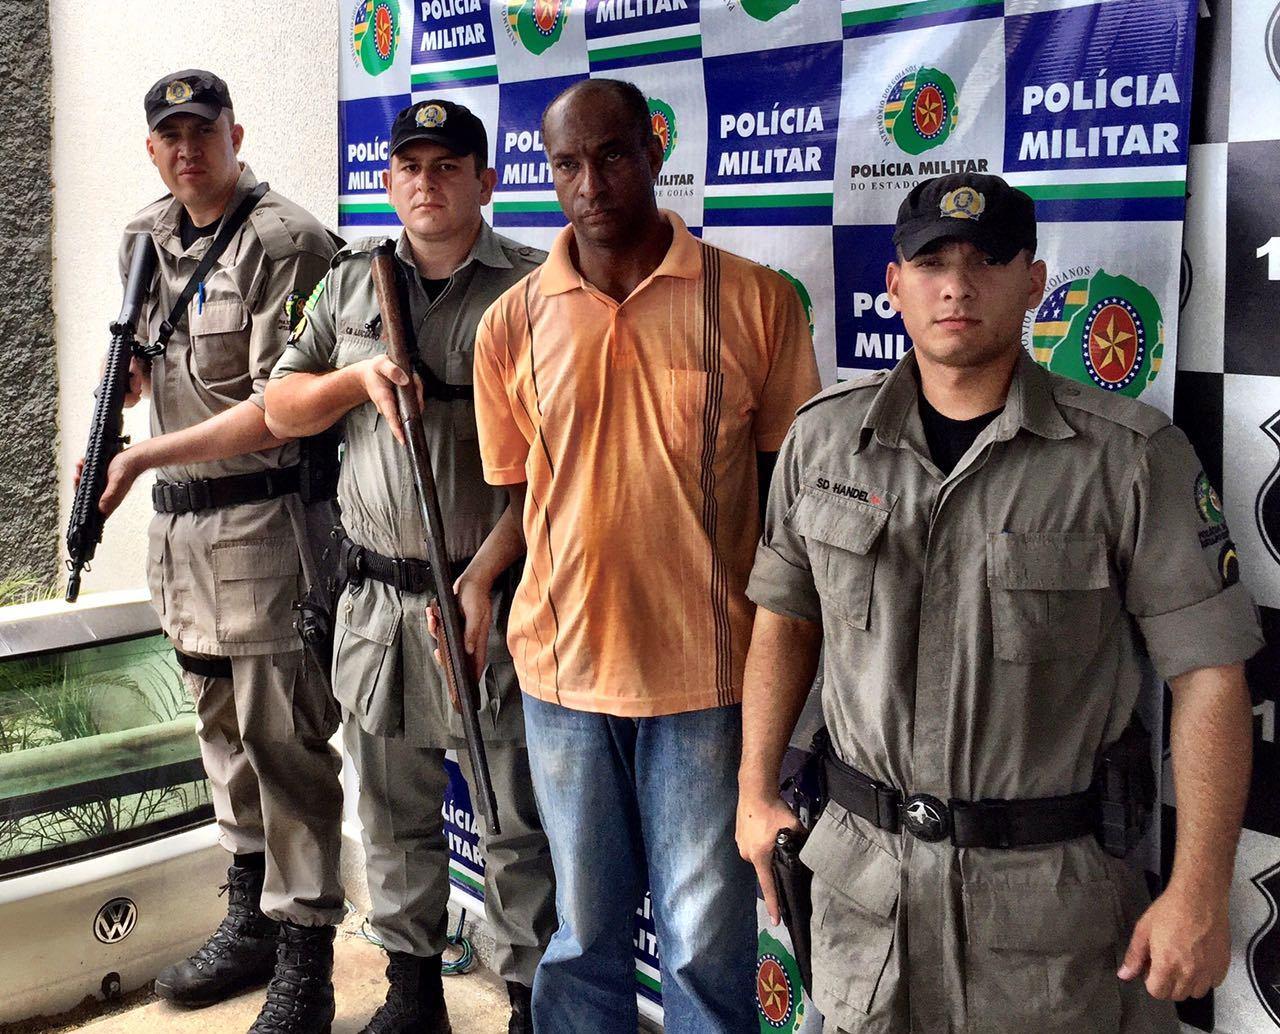 Condenado por homicídio é preso no Residencial Santa Fé, em Goiânia